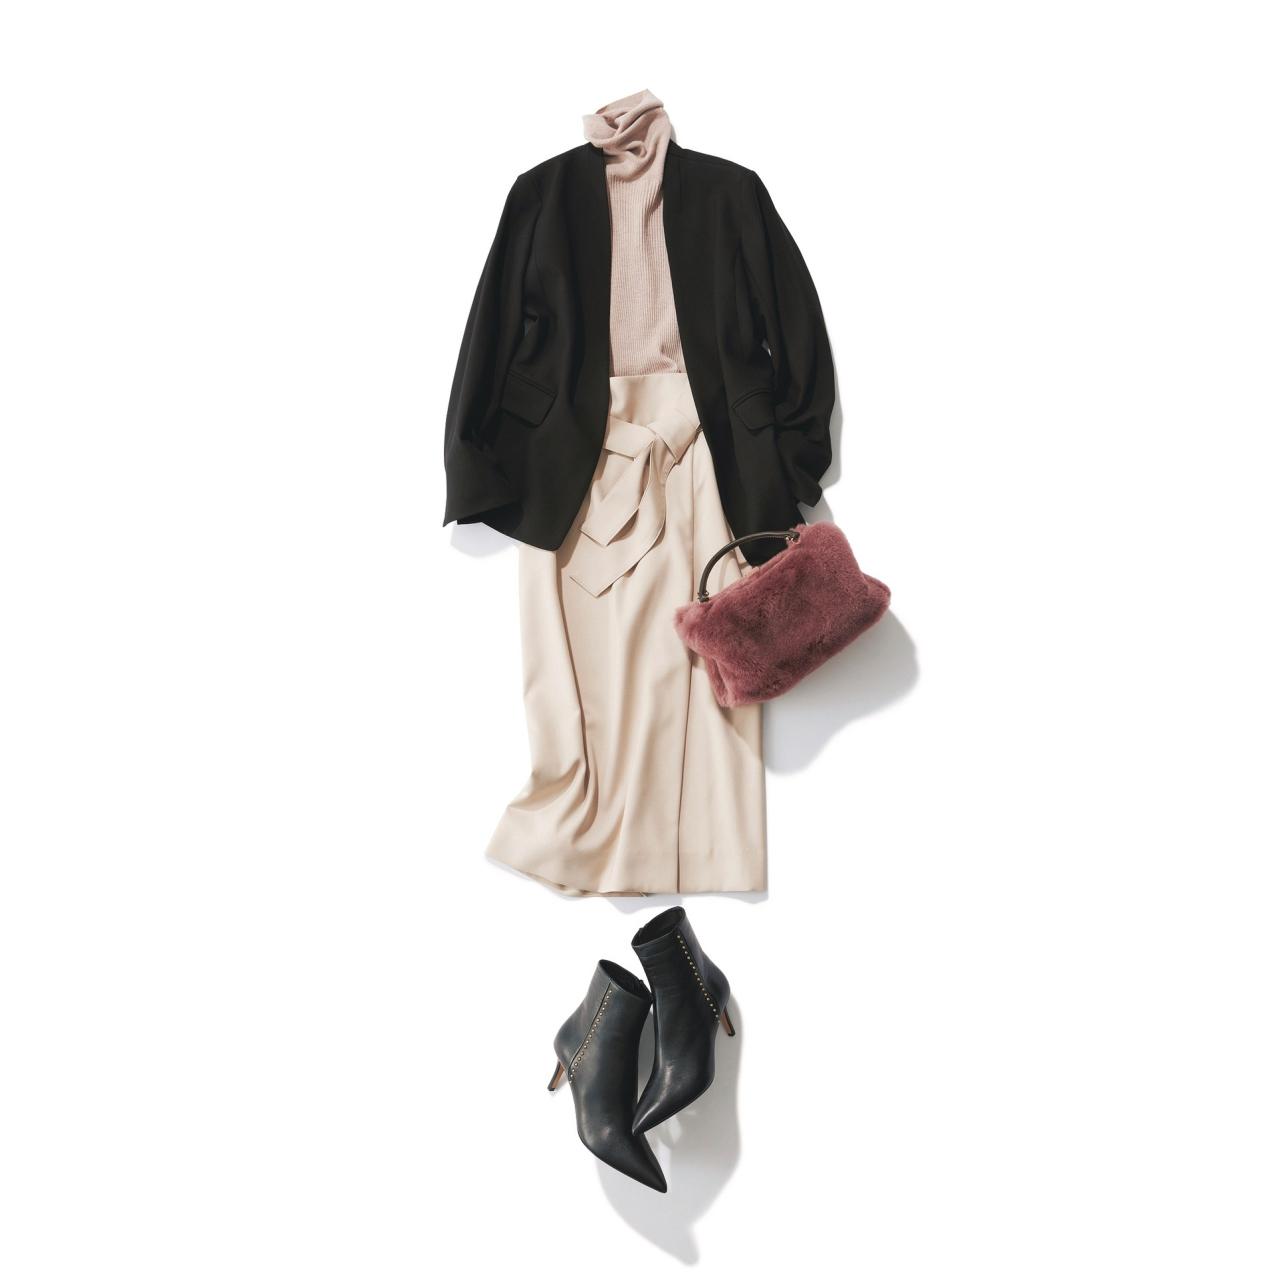 ジャケット×タイトスカートのファッションコーデ